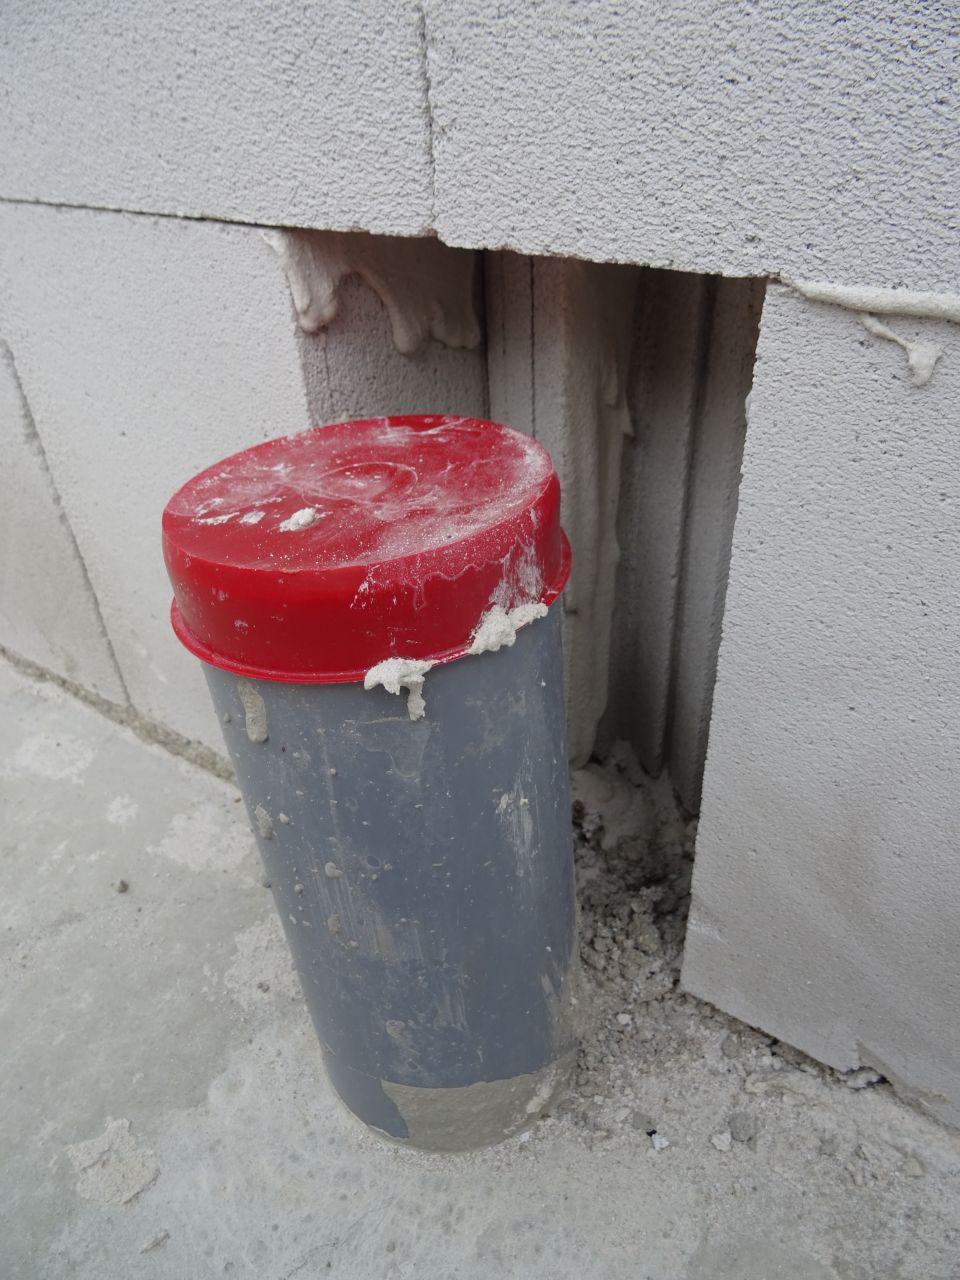 Brique massacrée on ne sait pas vraiment pourquoi car à cet endroit au final le tuyau est à ras du mur...